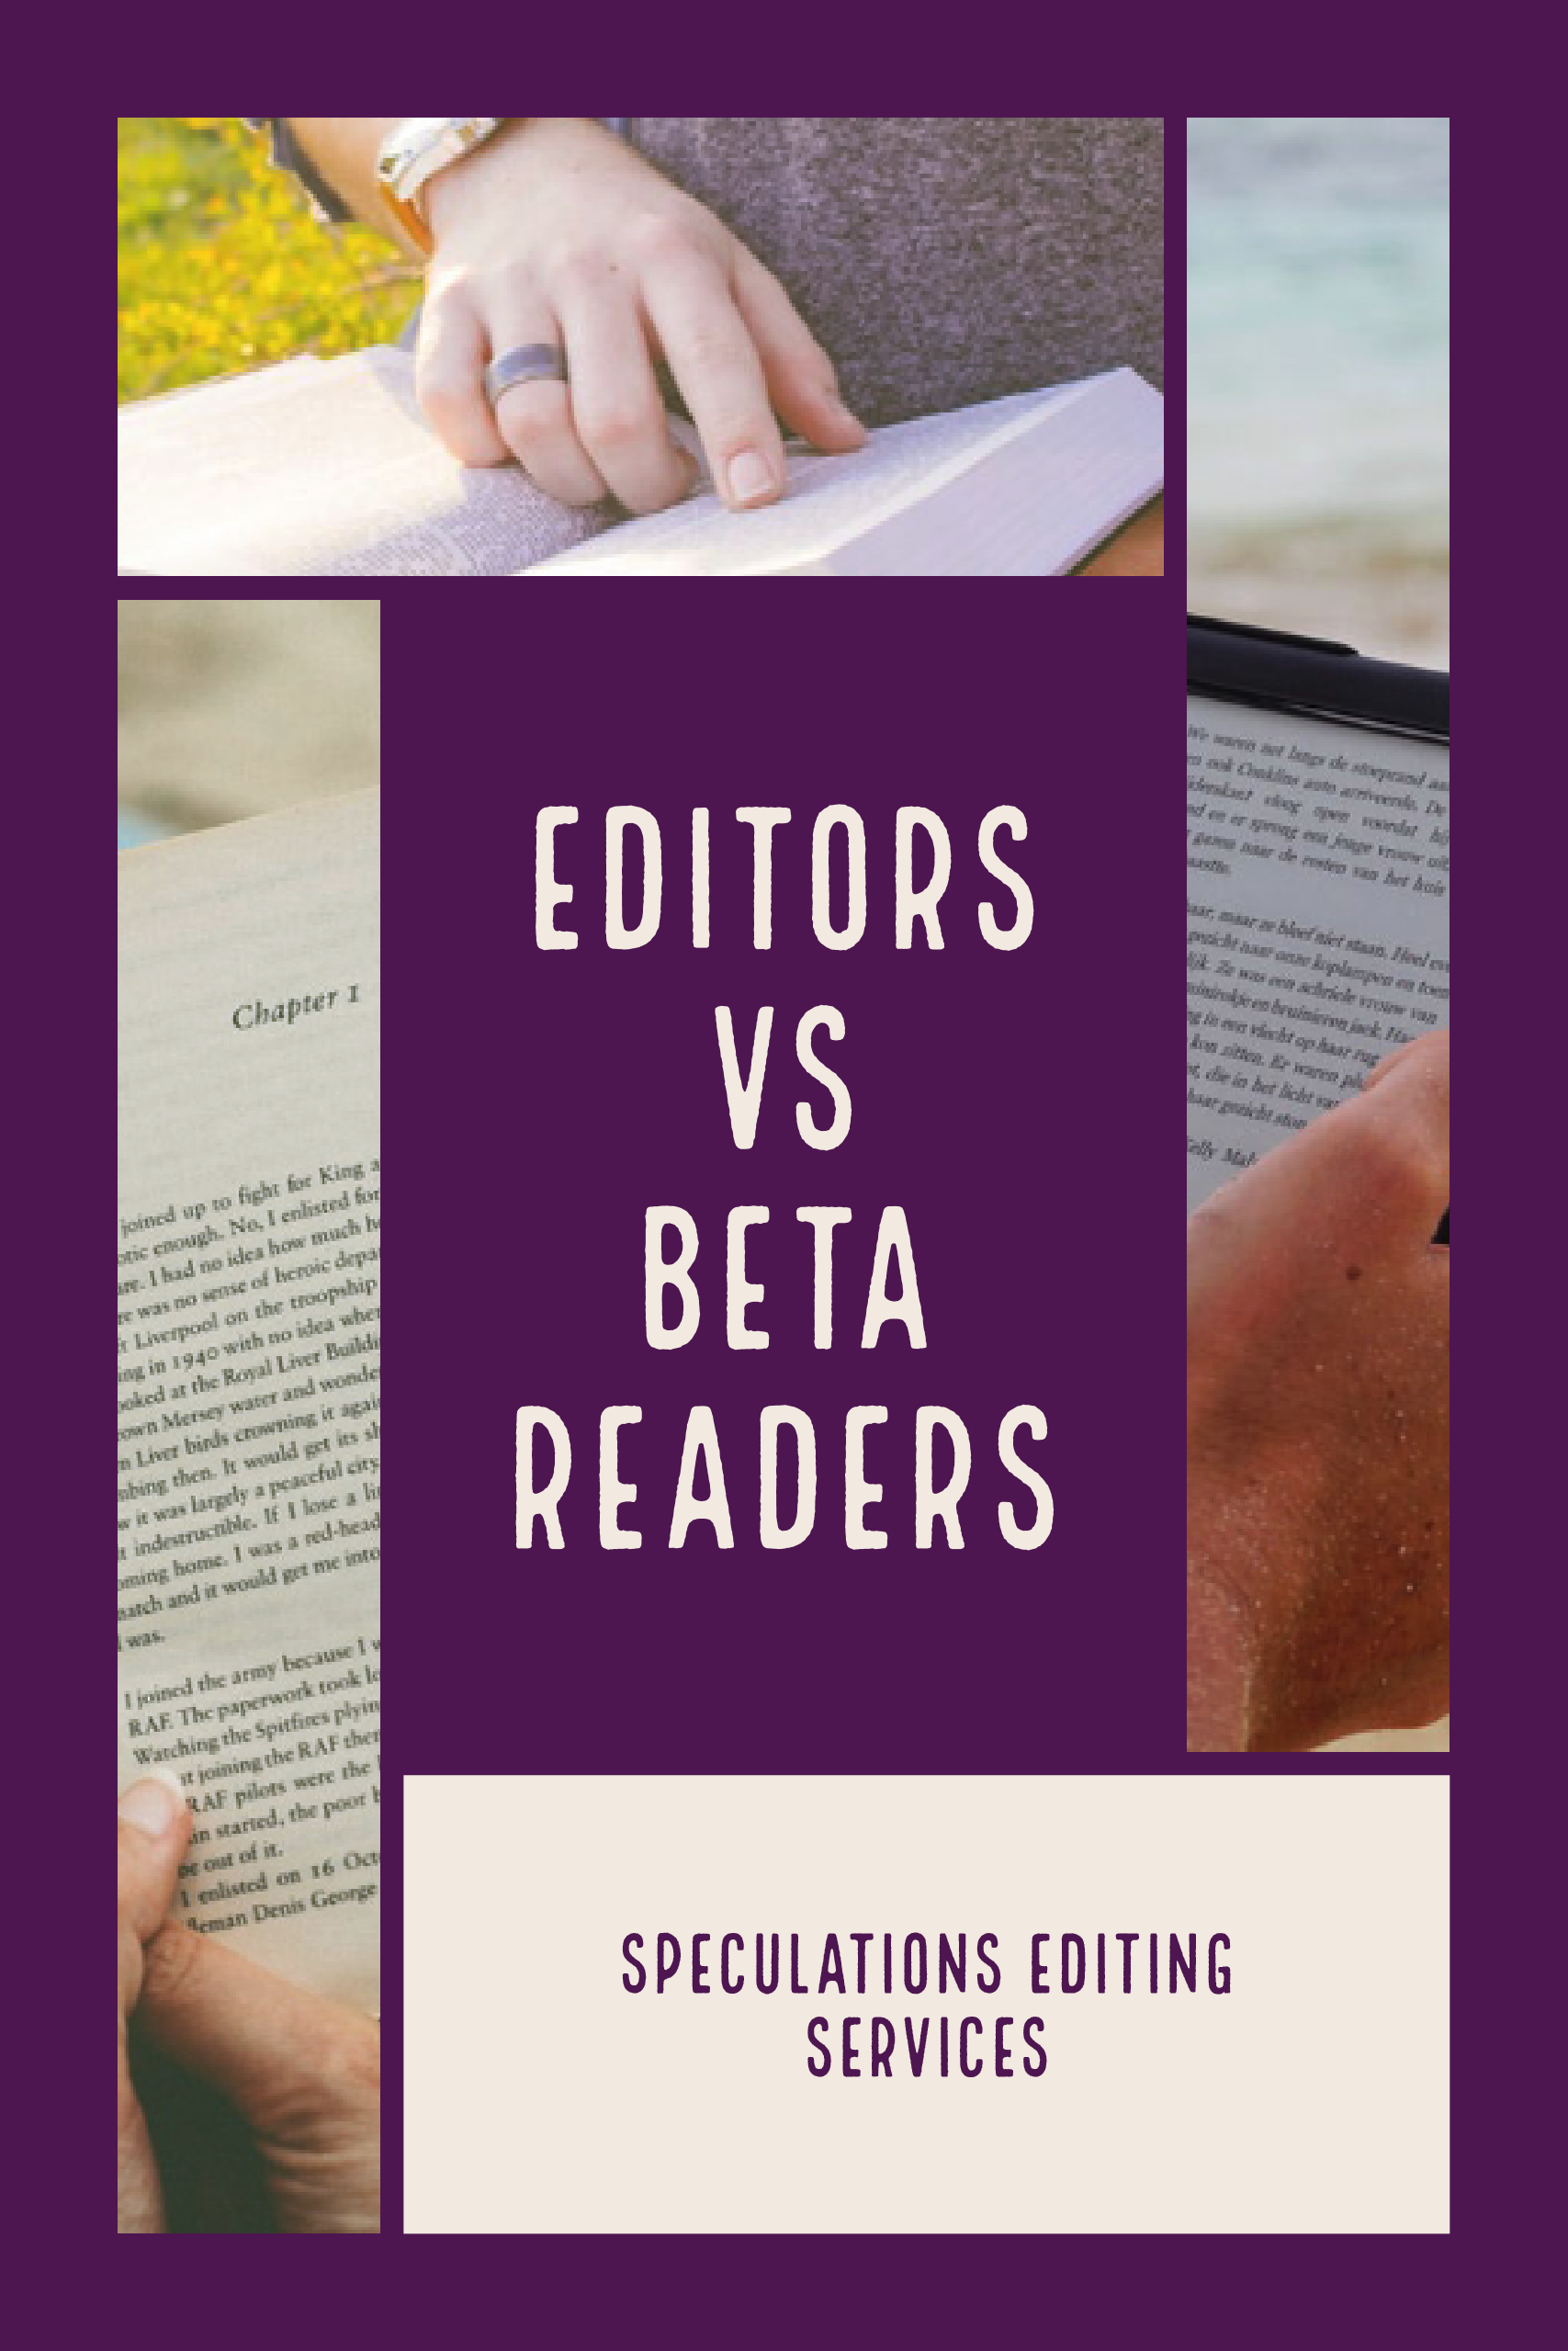 editors vs beta readers